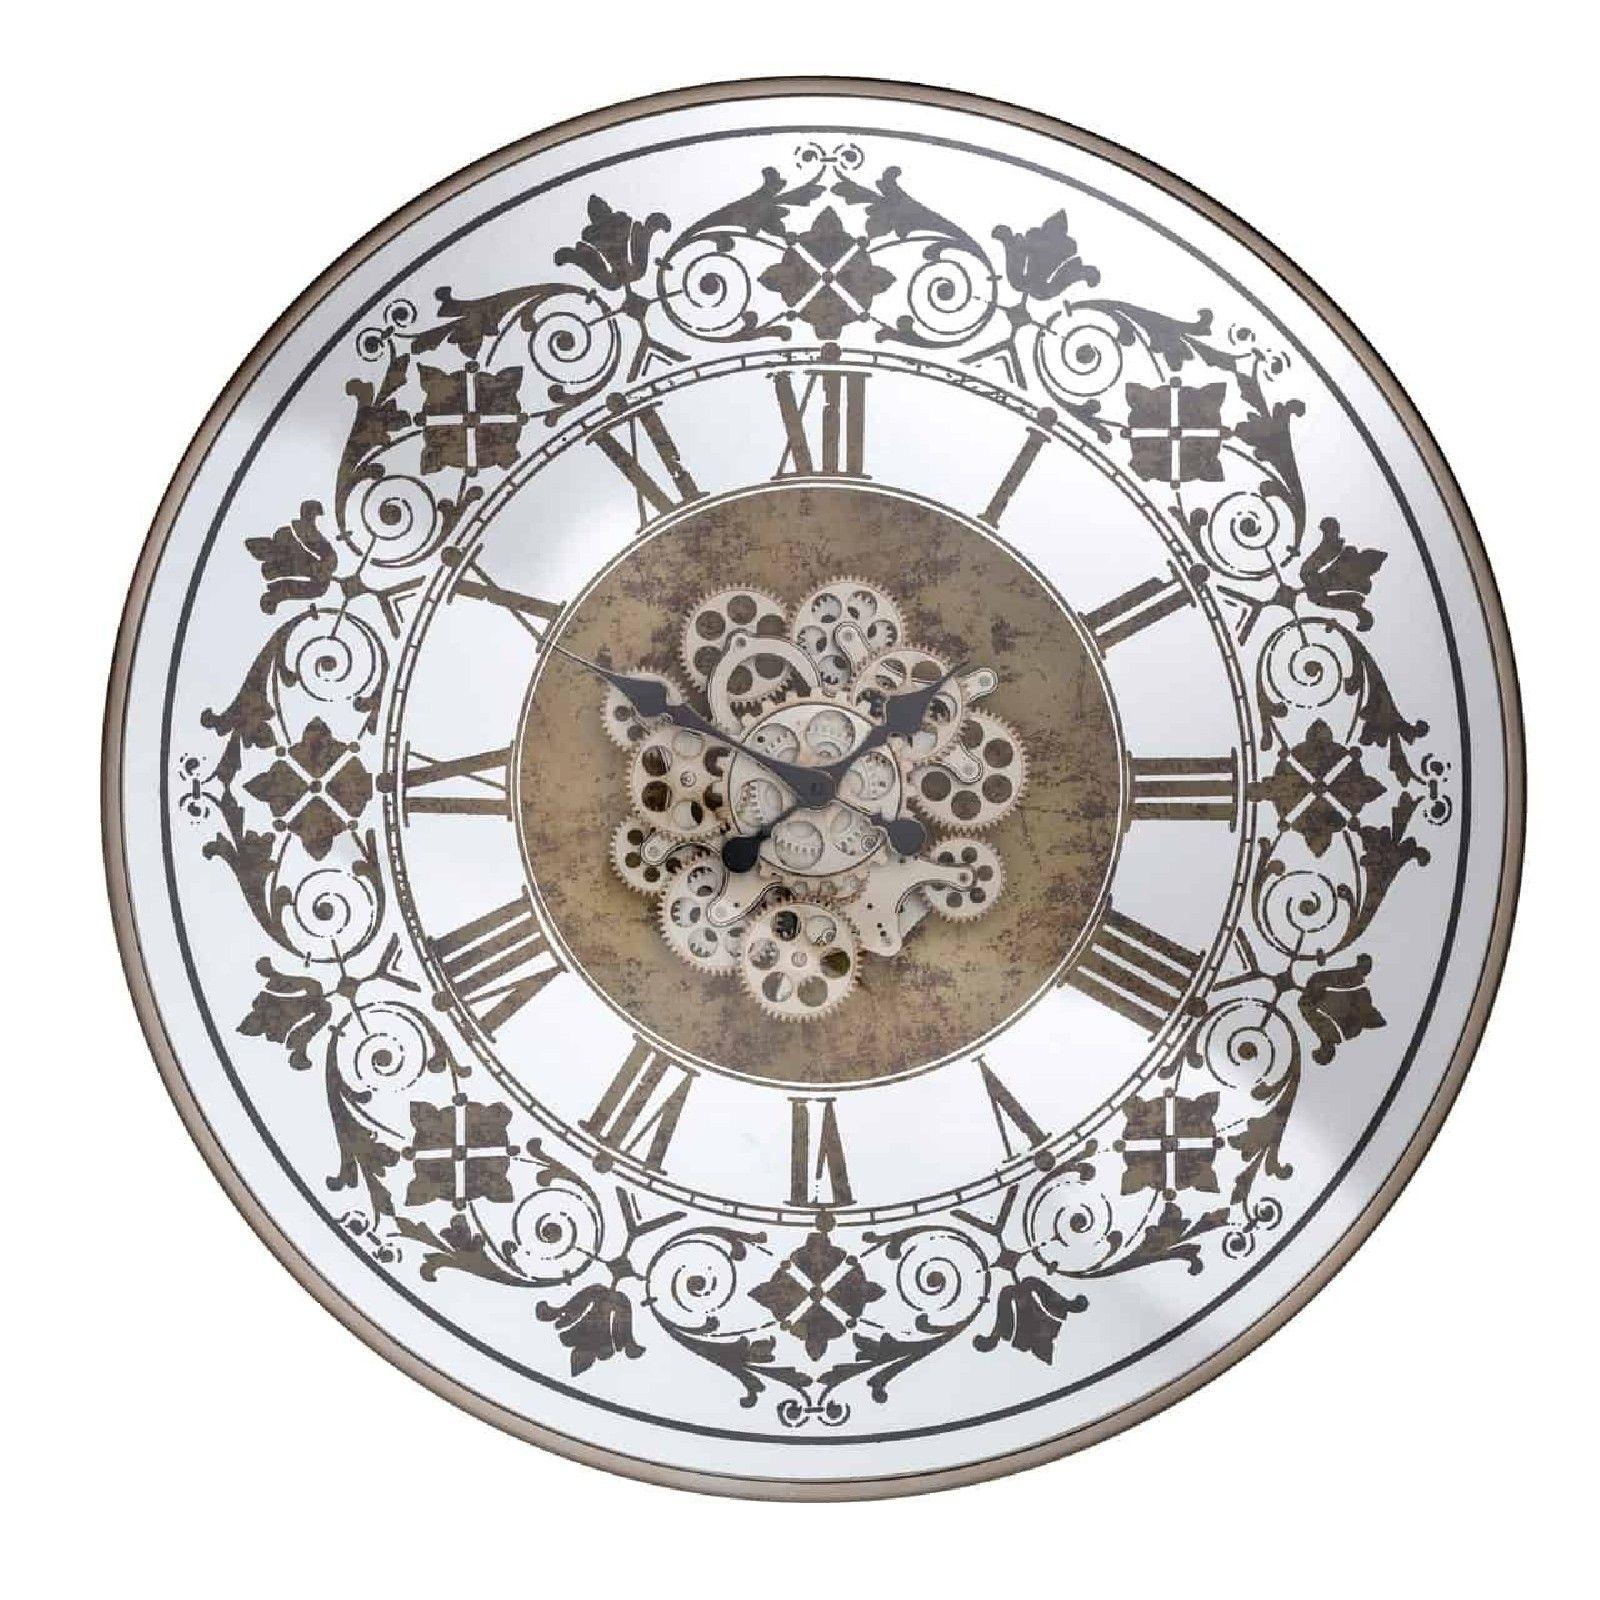 Horloge Orvill ronde dorée Horloges murales - 13